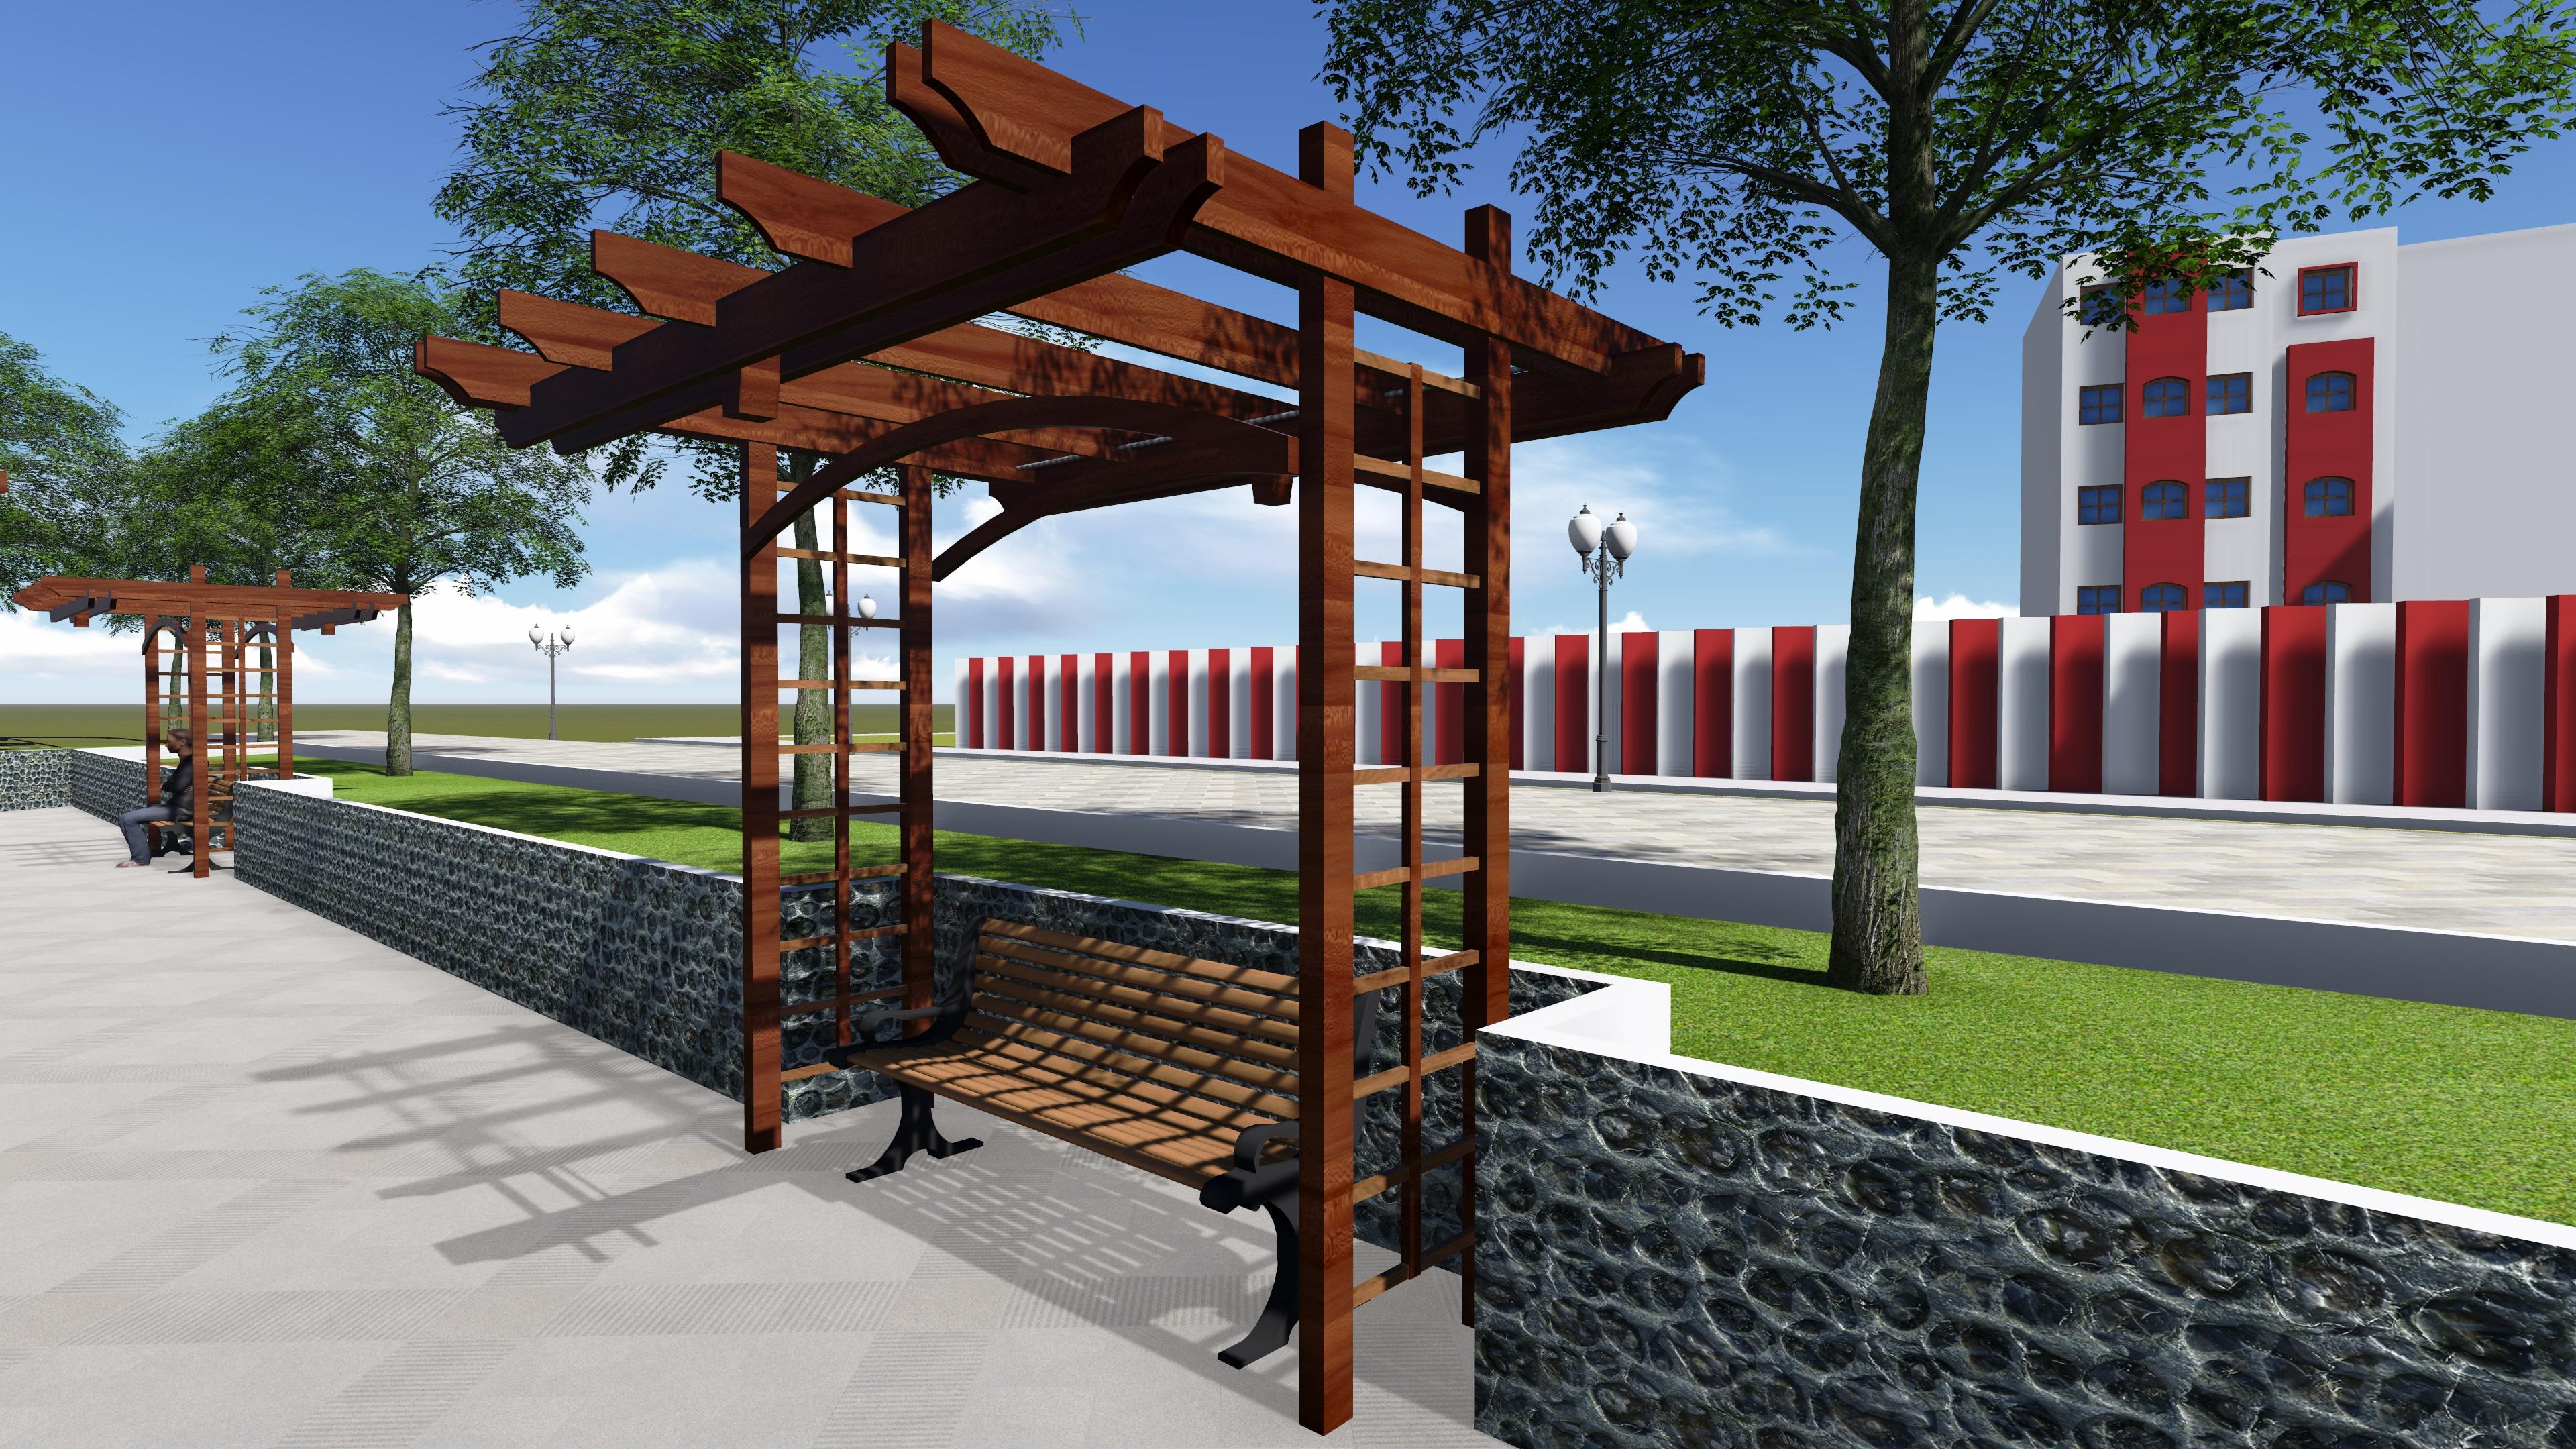 پروژه طراحی معماری پارک (بوستان)